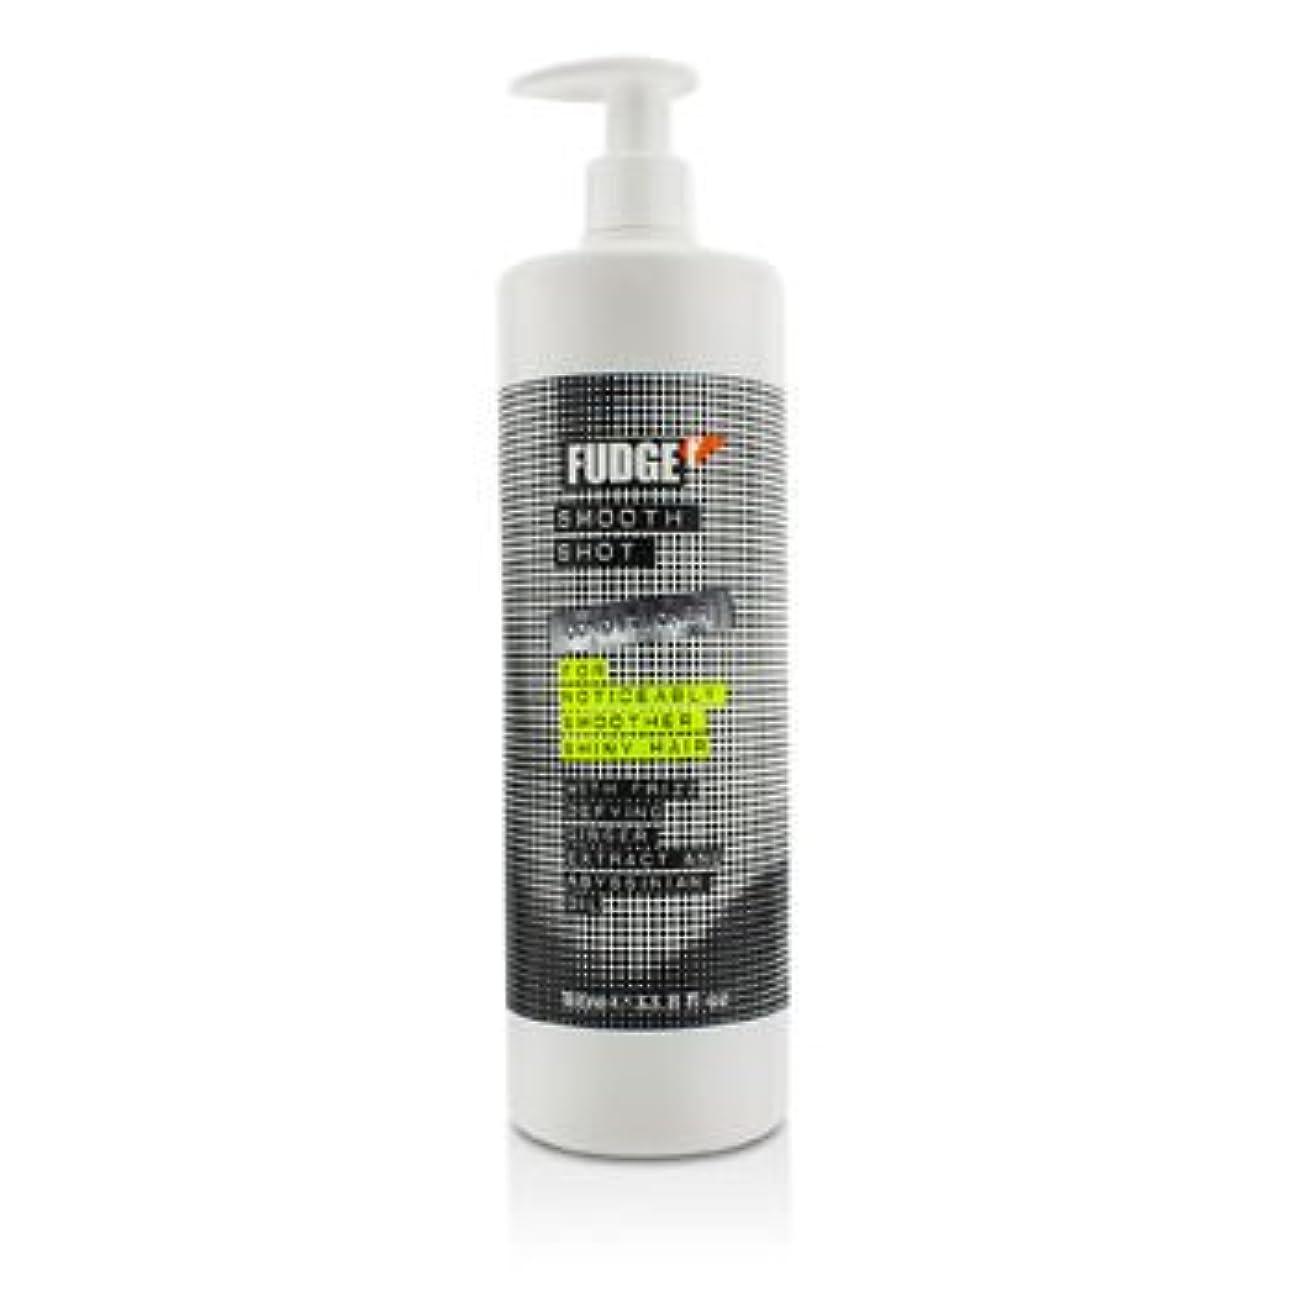 靄音節自転車[Fudge] Smooth Shot Conditioner (For Noticeably Smoother Shiny Hair) 1000ml/33.8oz